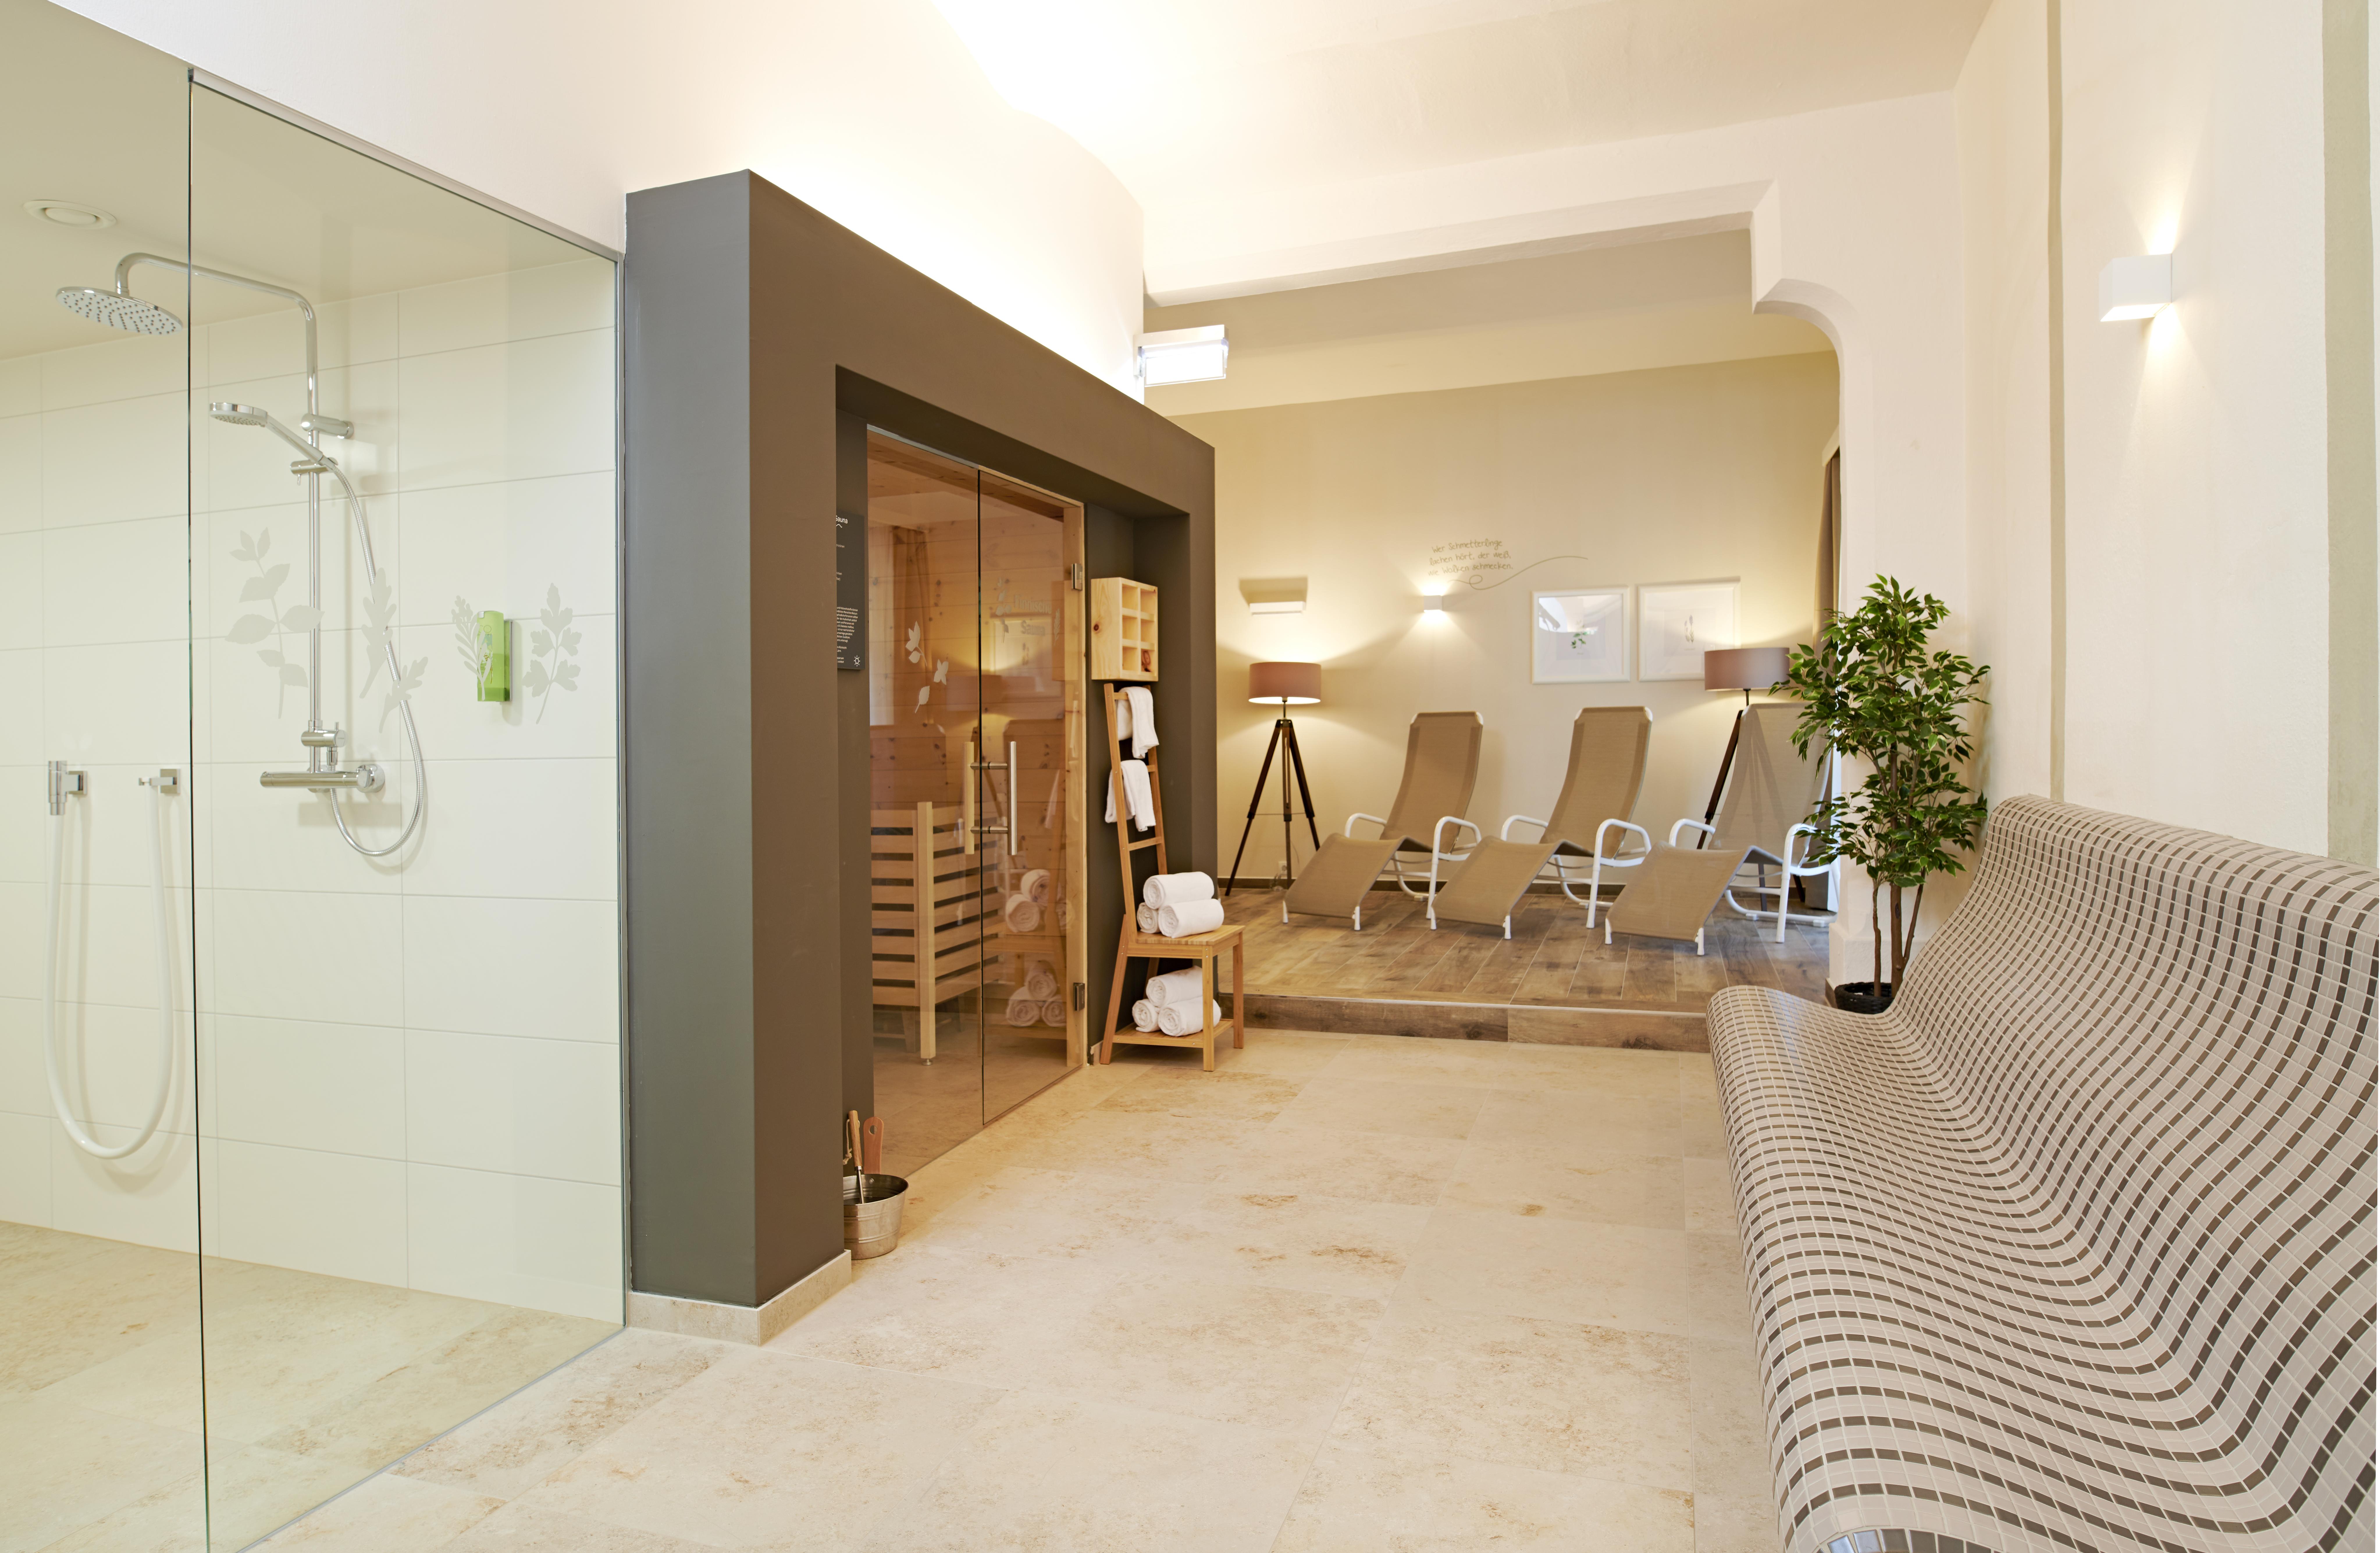 Sie sehen den Wellnessbereich im JUFA Hotel Stift Gurk. Der Ort für erlebnisreichen Natururlaub für die ganze Familie.